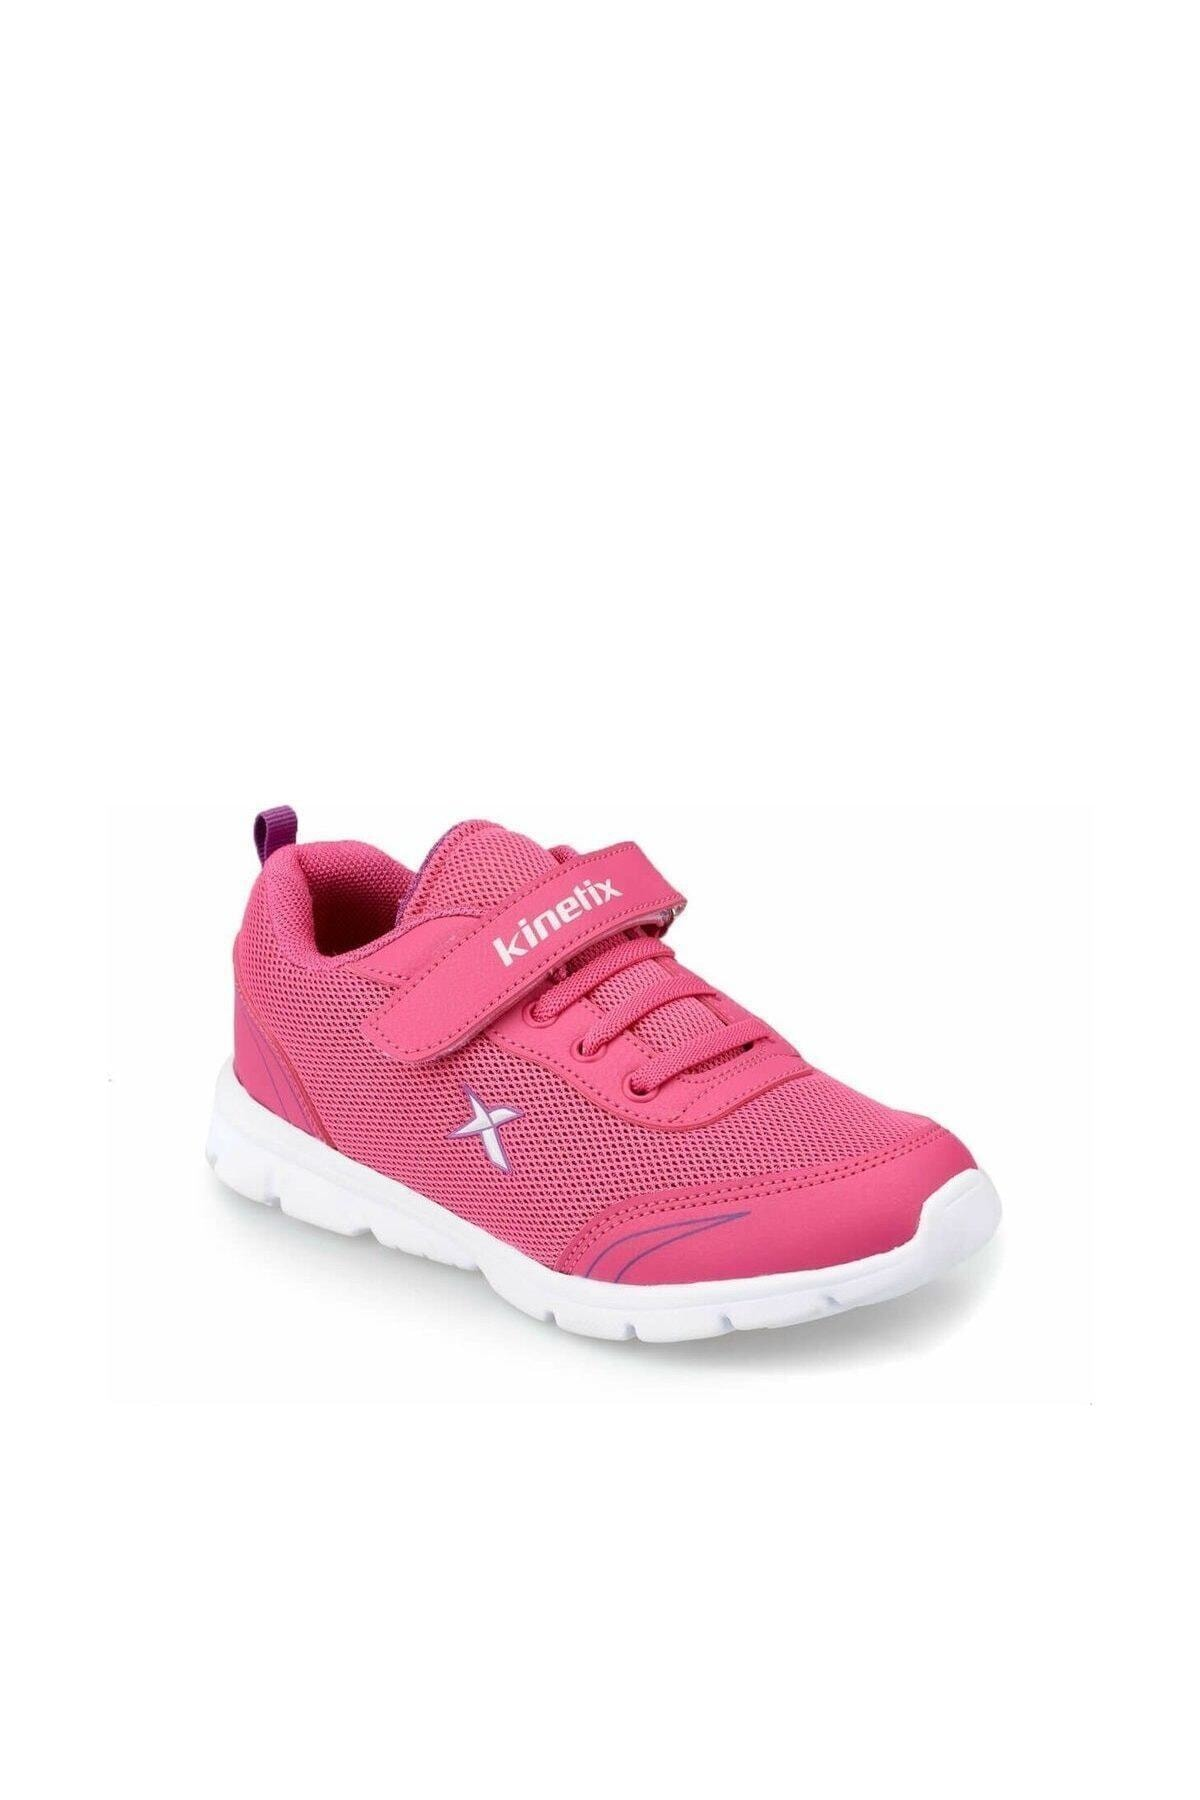 Kinetix YANNI Fuşya Mor Kız Çocuk Koşu Ayakkabısı 100314940 1